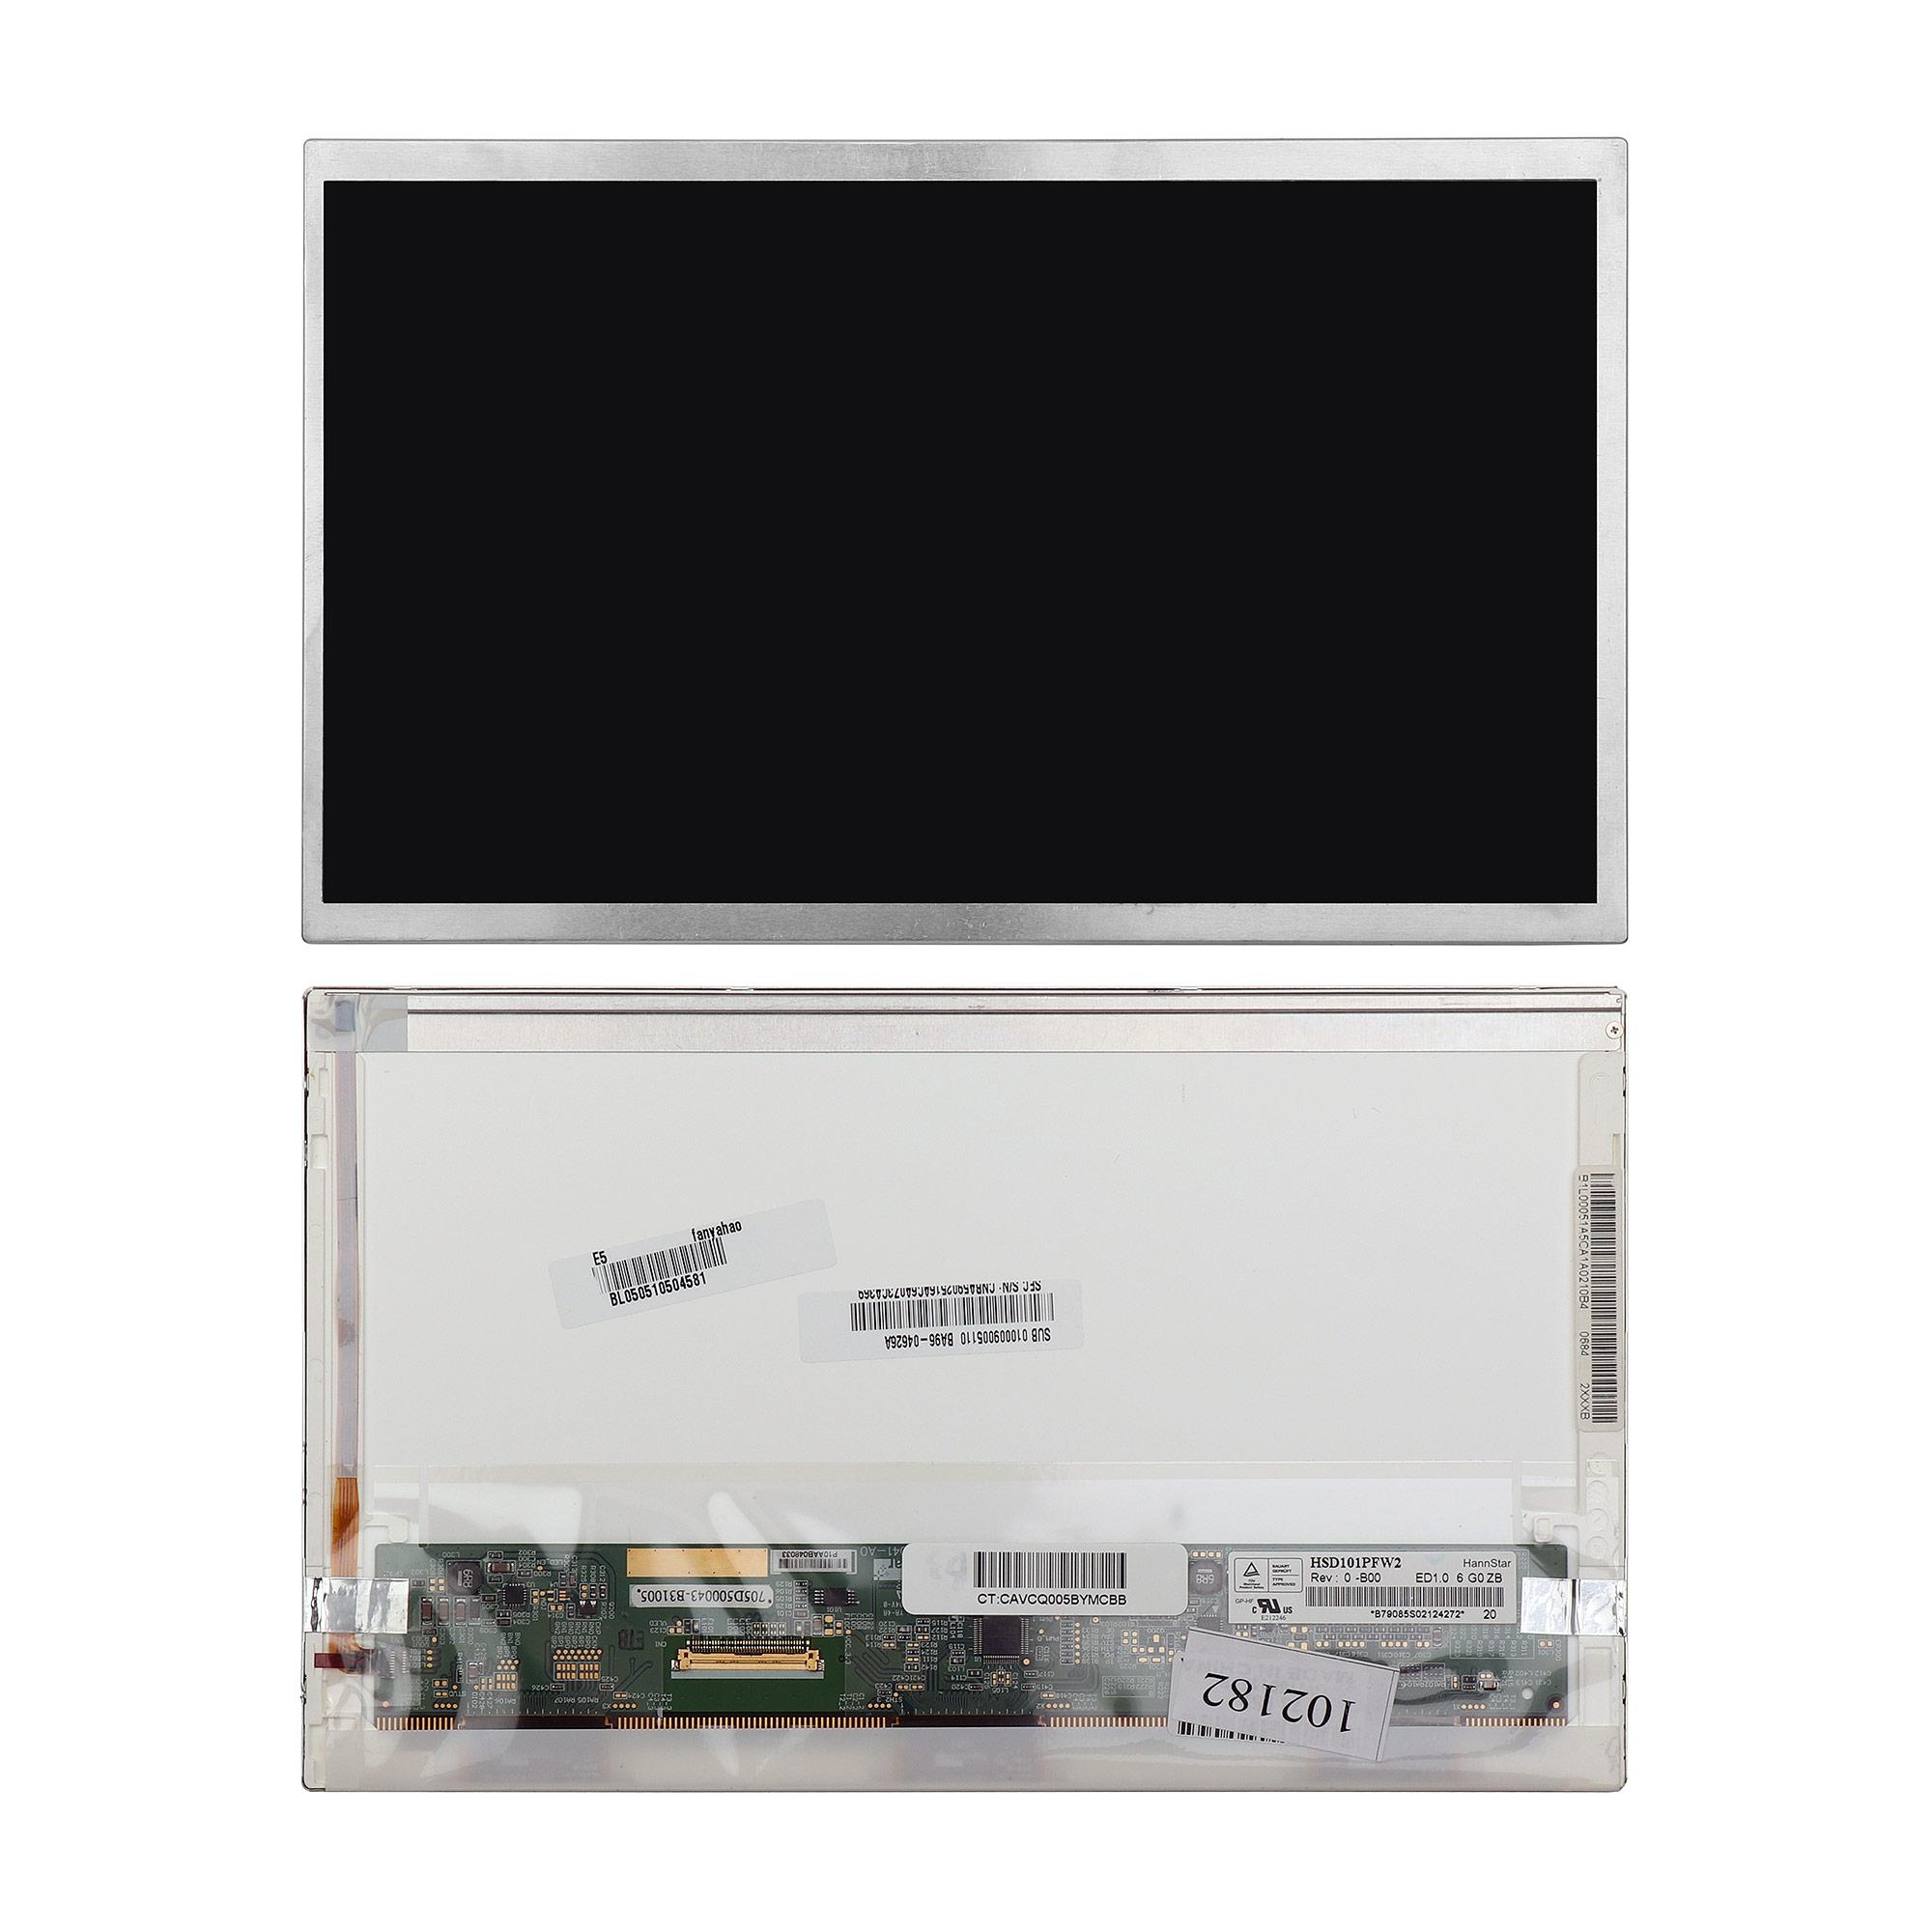 Запчасти для ремонта теле, видео, аудио Матрица ноутбука 10.1 1024x600 WSVGA 40 pin LED. Матовая. PN: CLAA101NC05 N101L6-L0A N101L6-L01 N101LGE-L11.